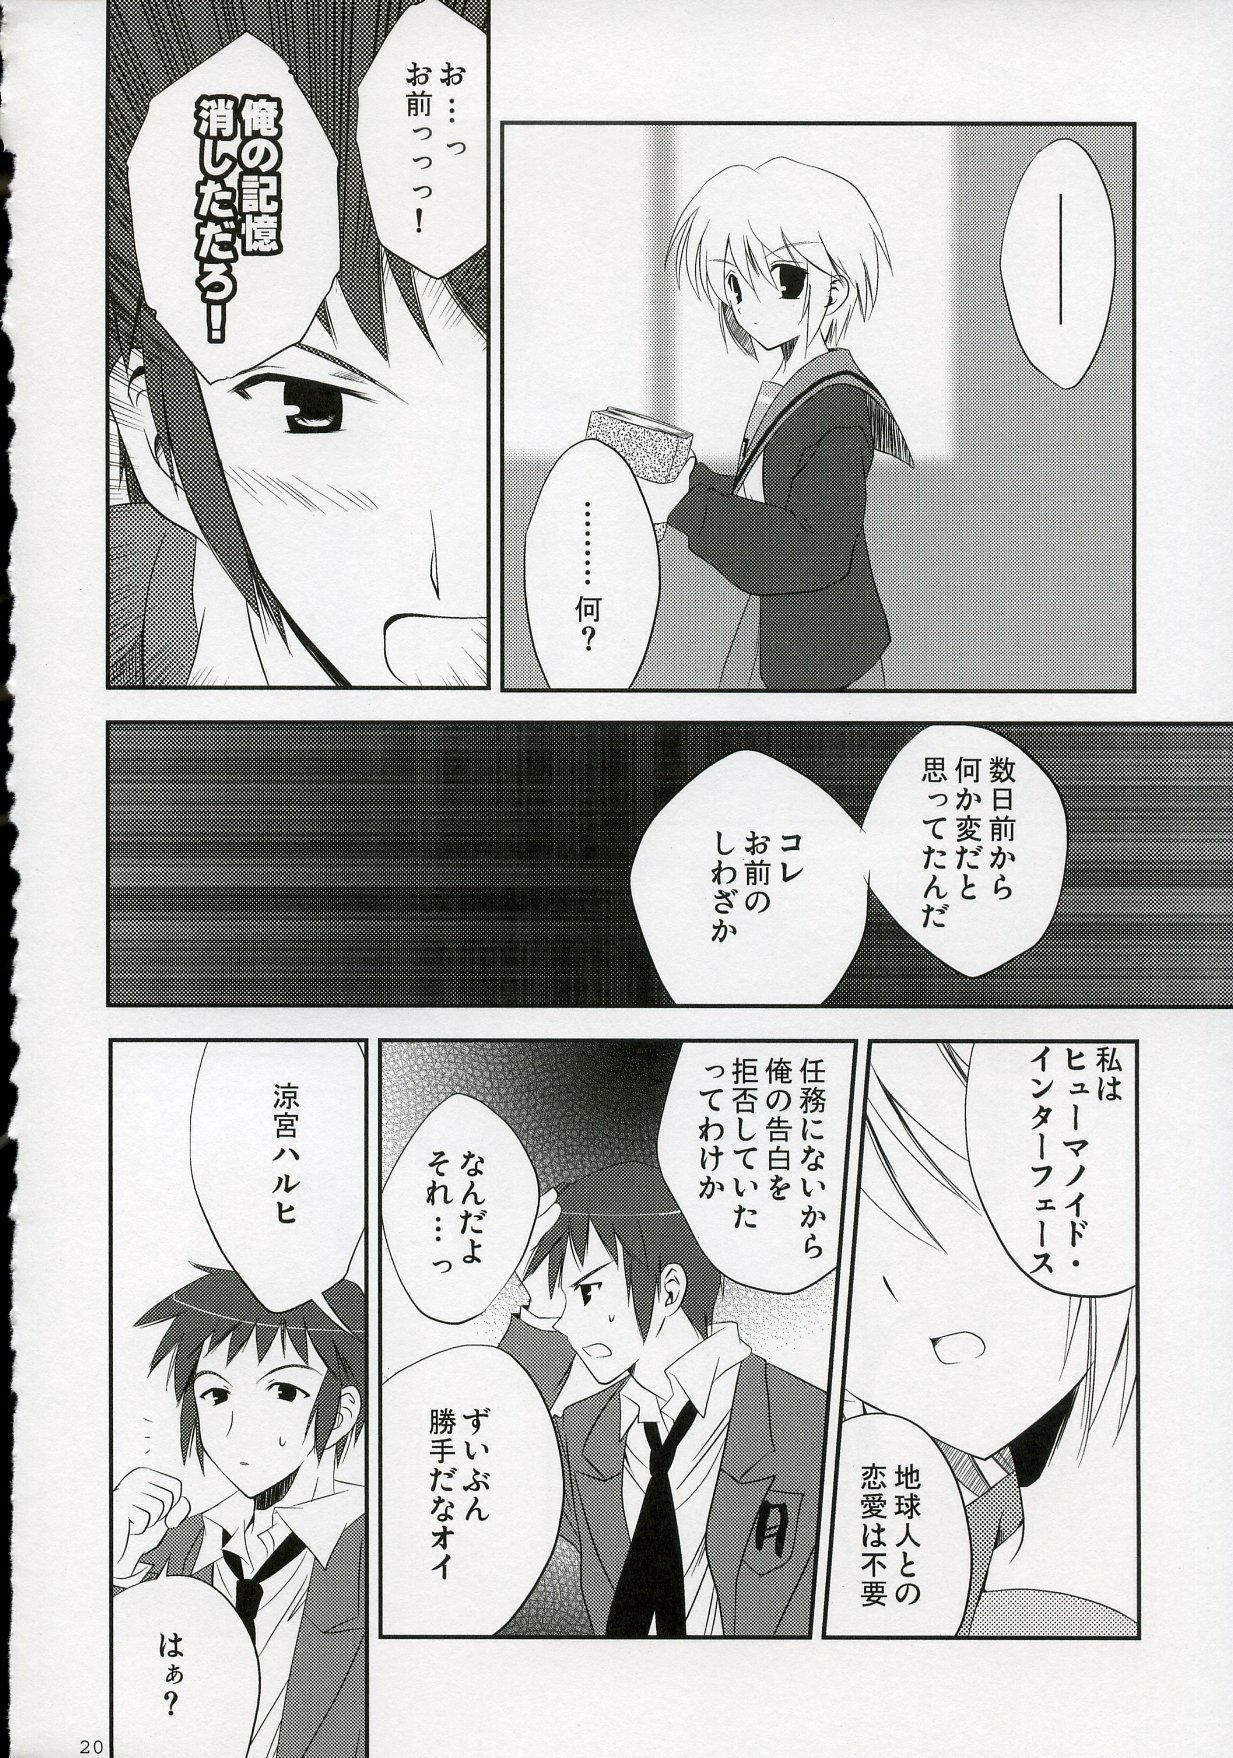 Nagato VS Kyon 18